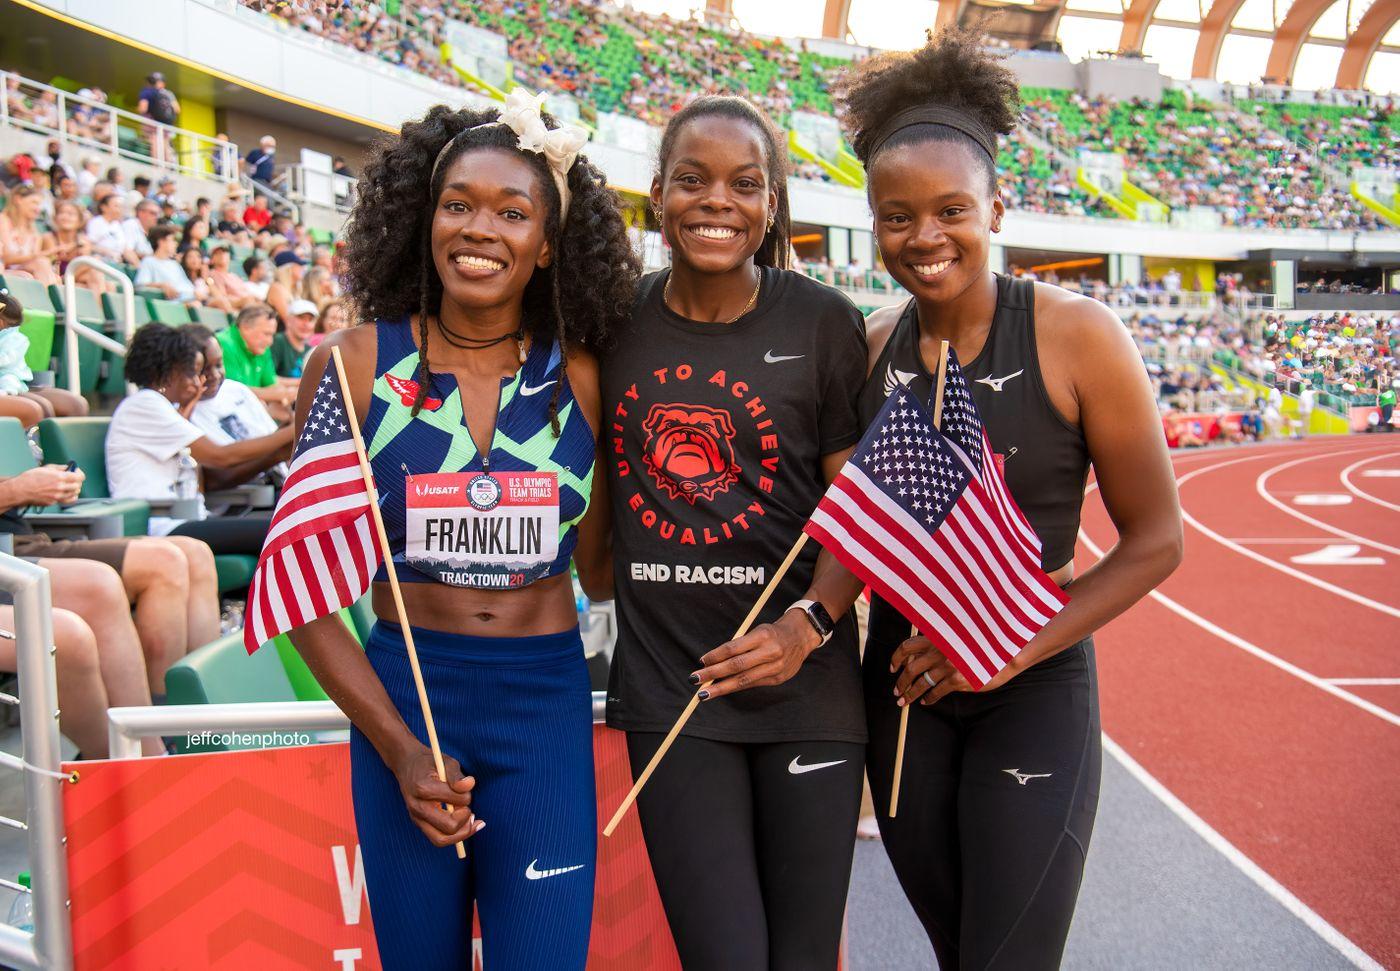 tj-women-2021-US-Oly-Trials-day-3-2685-jeff-cohen-photo--web.jpg